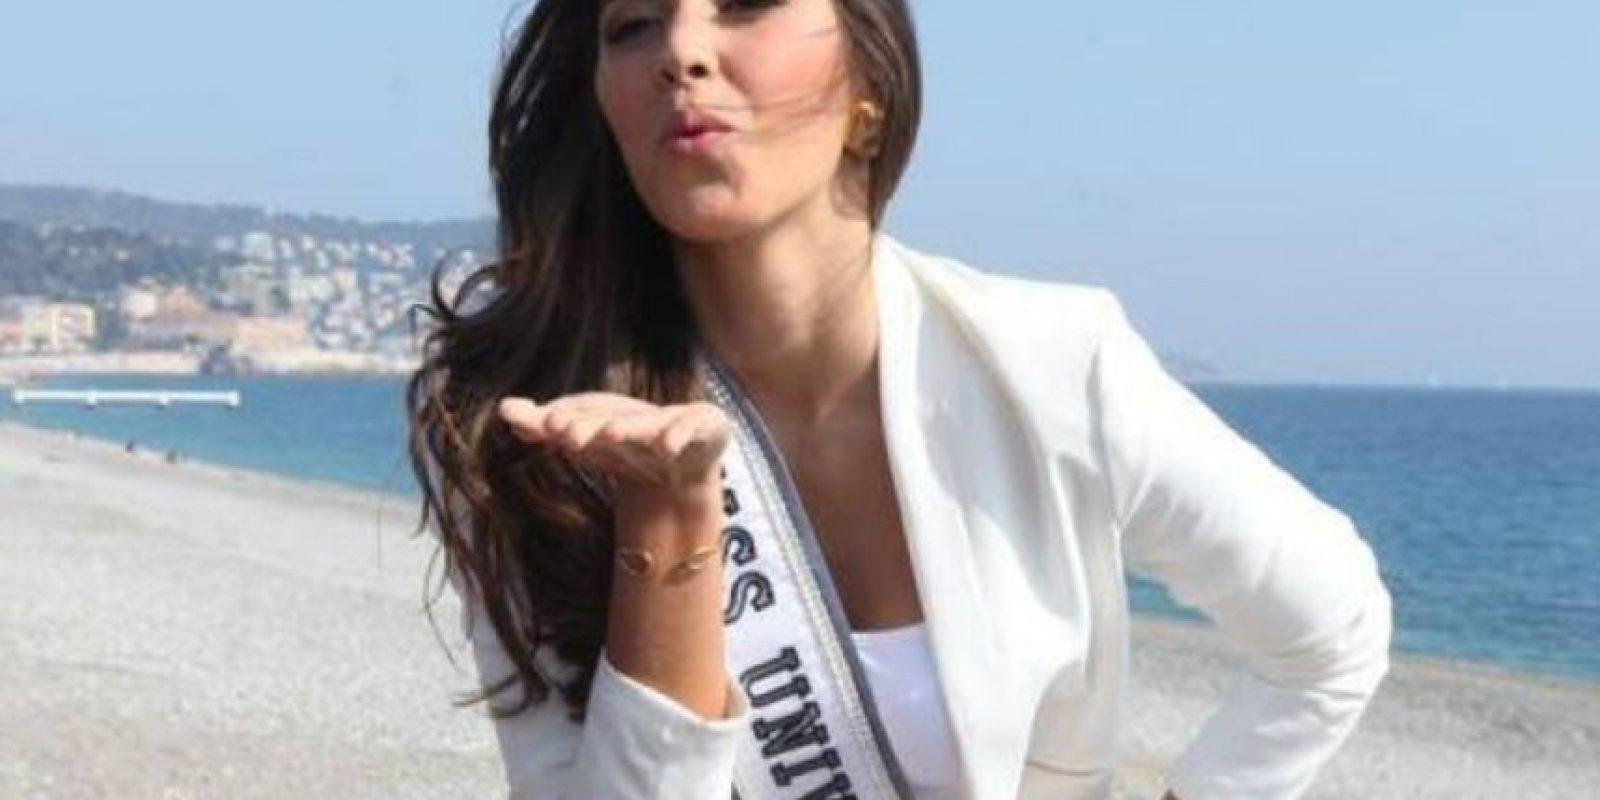 """A Paulina Vega, actual Miss Universo, le preguntaron: """"¿Qué pueden aprender las mujeres de los hombres?"""" Foto:vía Facebook/Paulina Vega"""